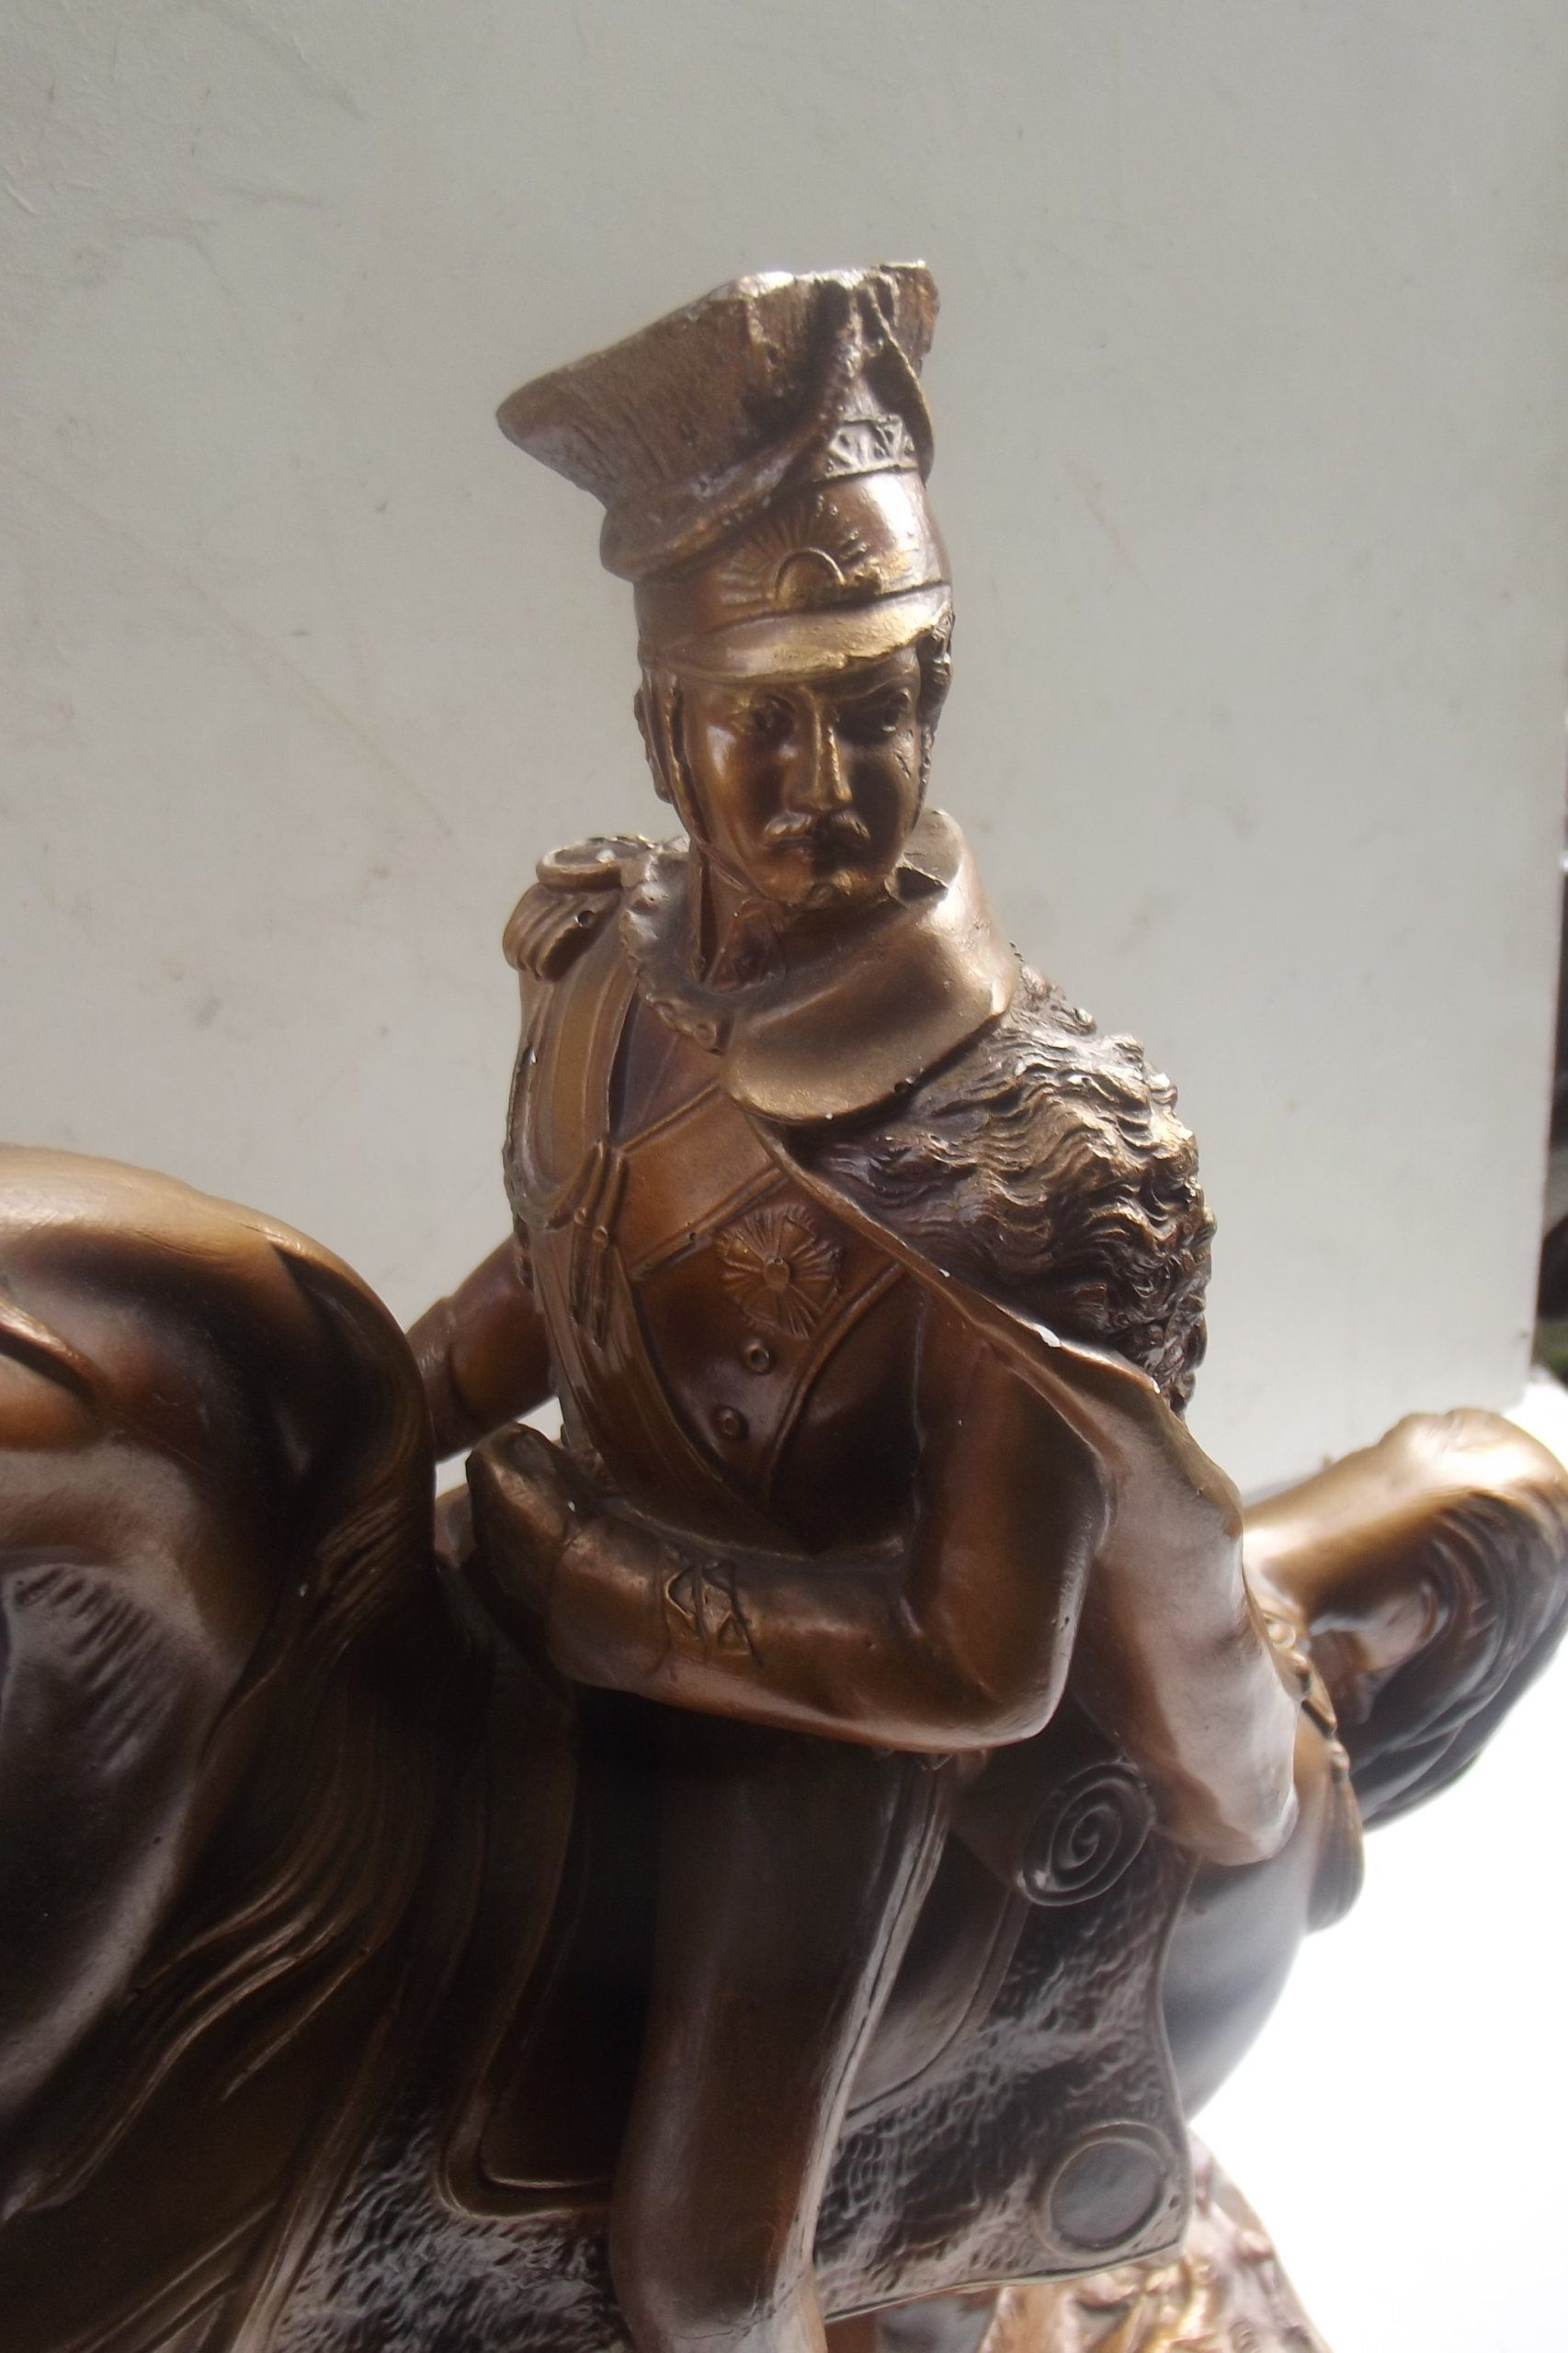 Potezna figura Ksiaze Józef Poniatowski na koniu